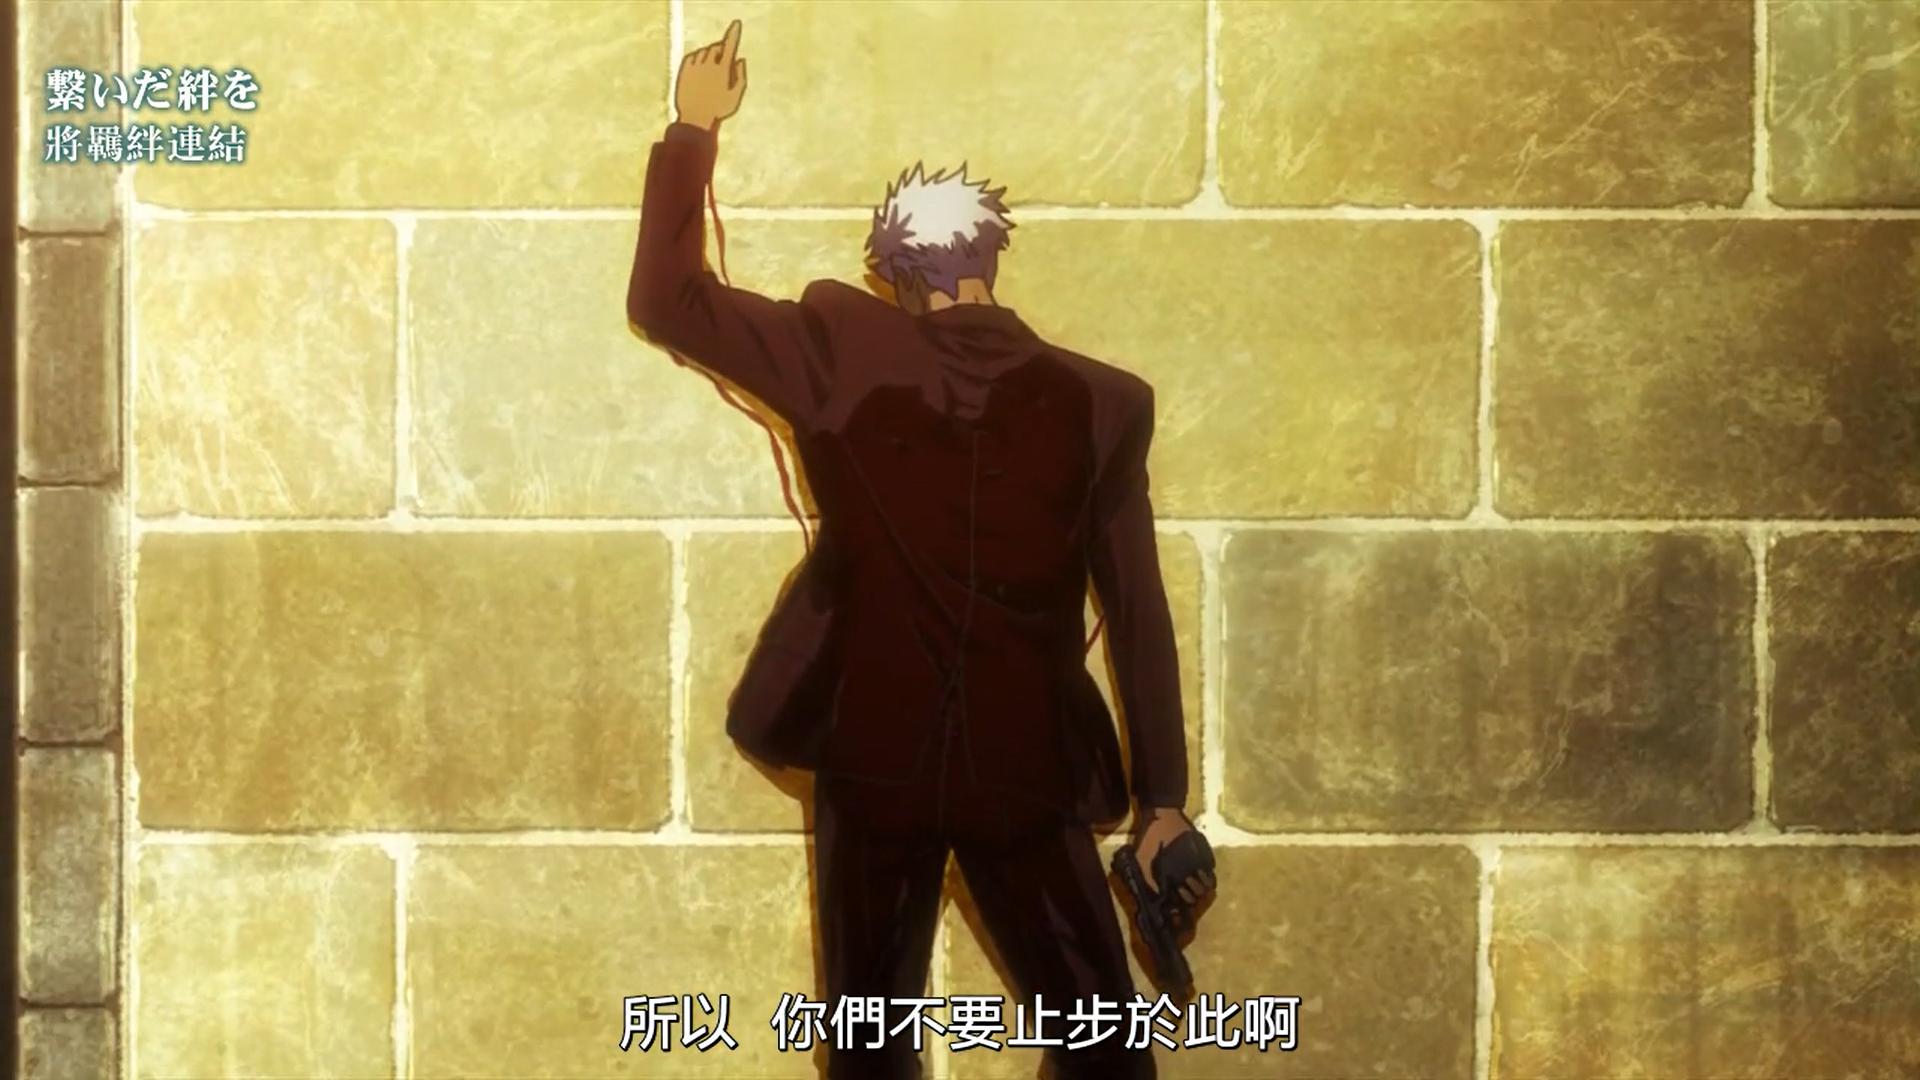 【动漫人物志】高达铁血的奥尔芬斯——奥尔加·伊兹卡  停不下来的男人